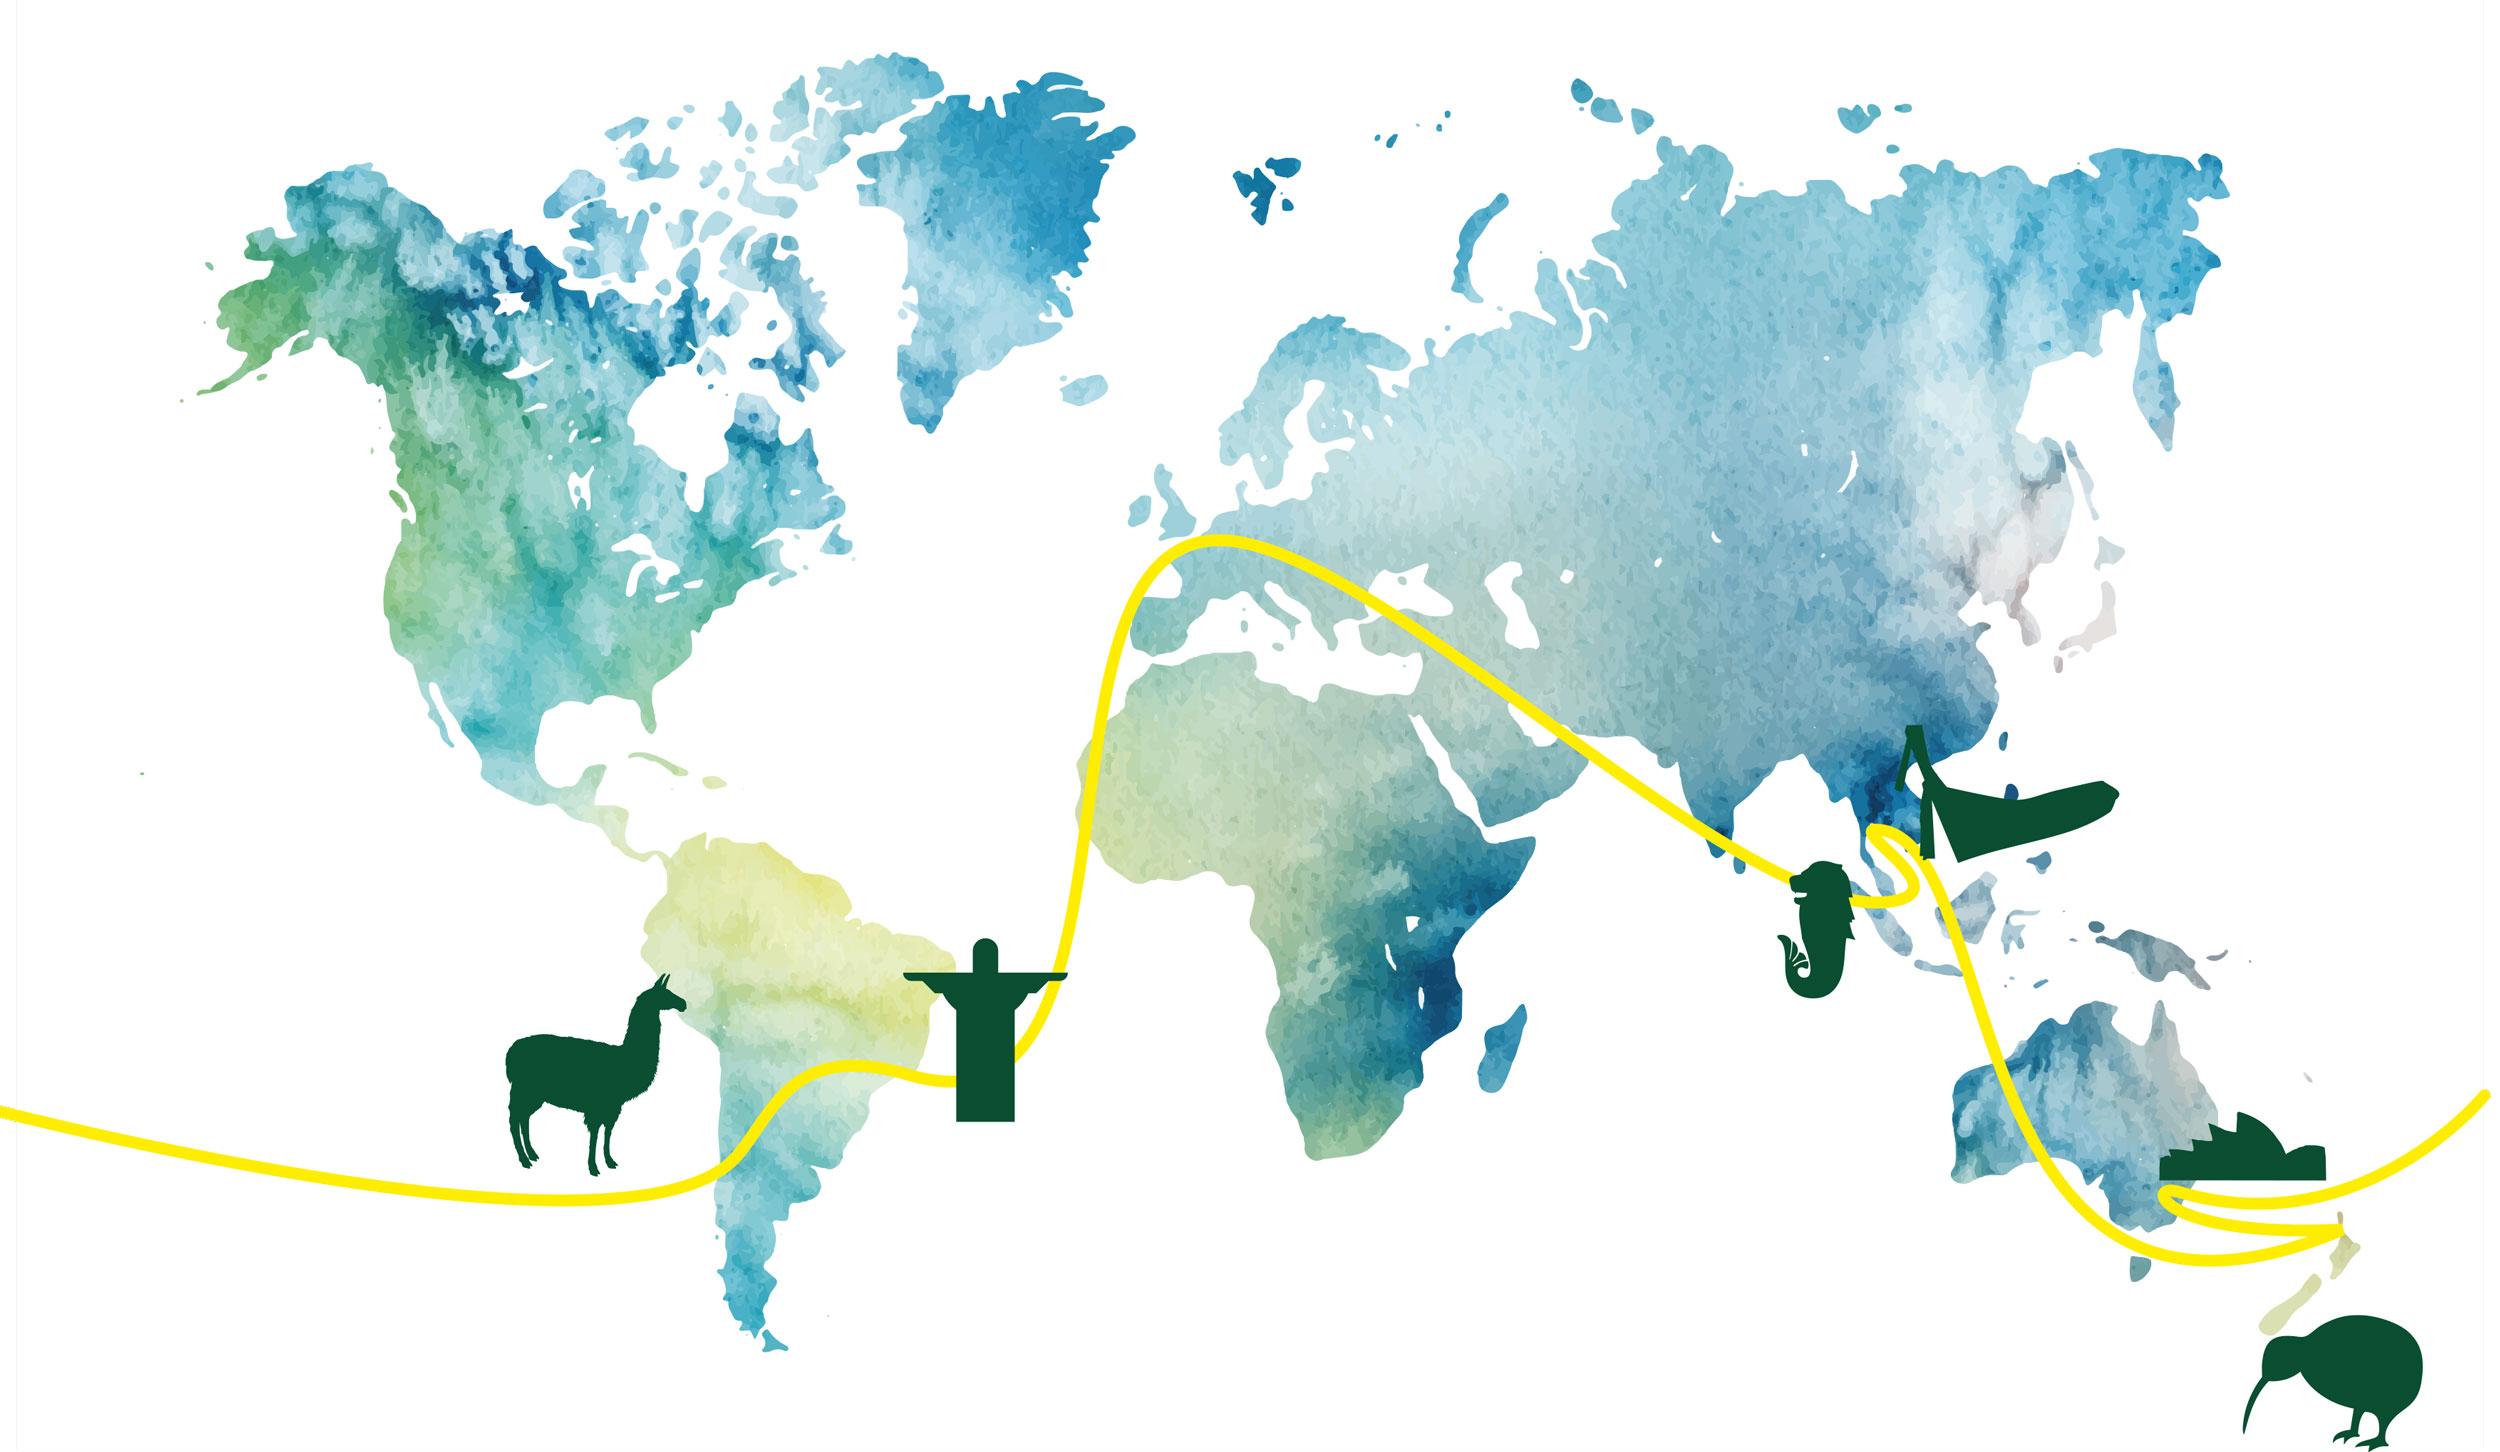 Weltreisen Karte - Zuckerhut bis Down Under